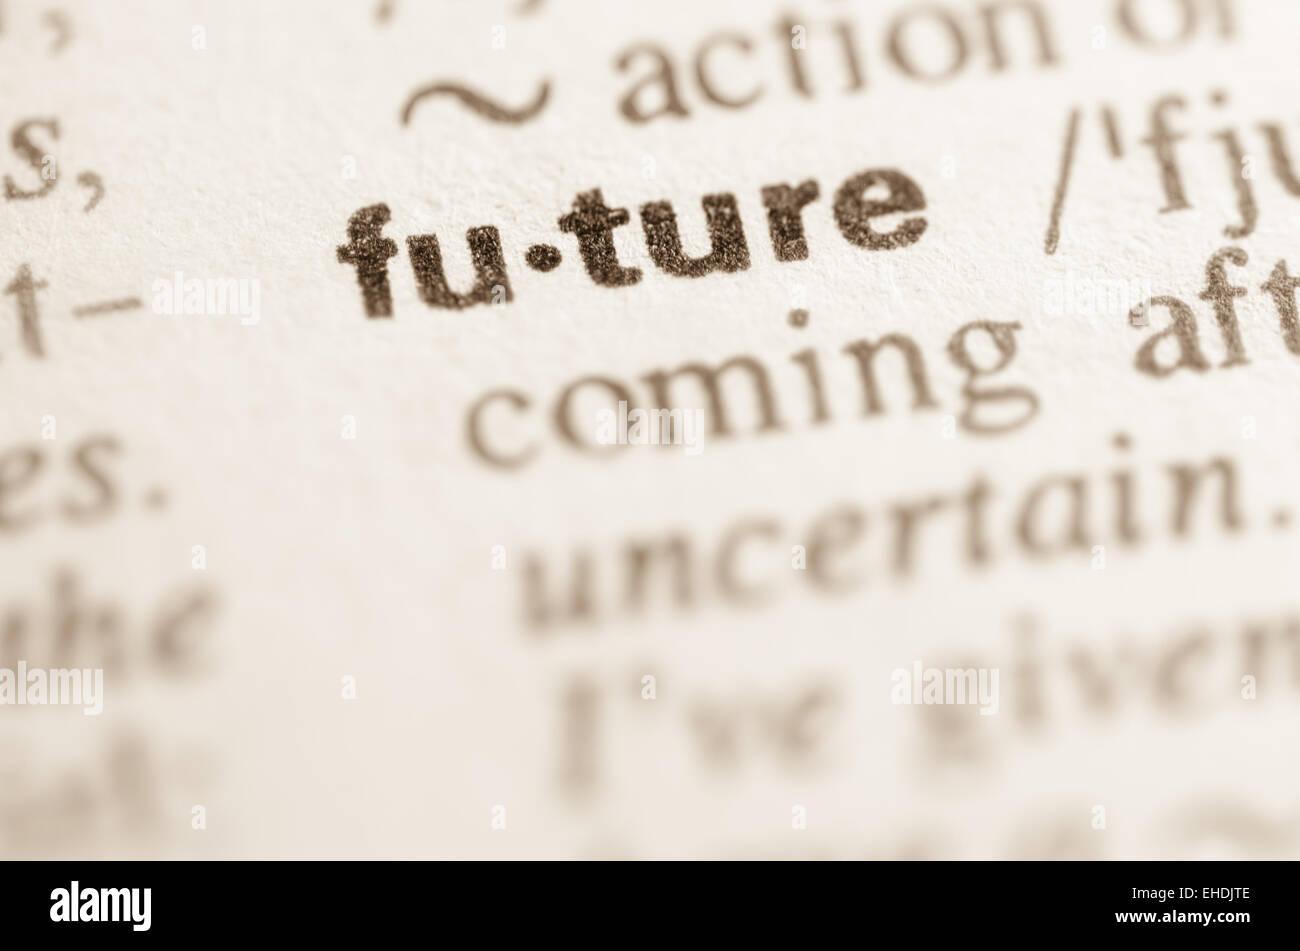 Definizione del futuro di parola nel dizionario Immagini Stock